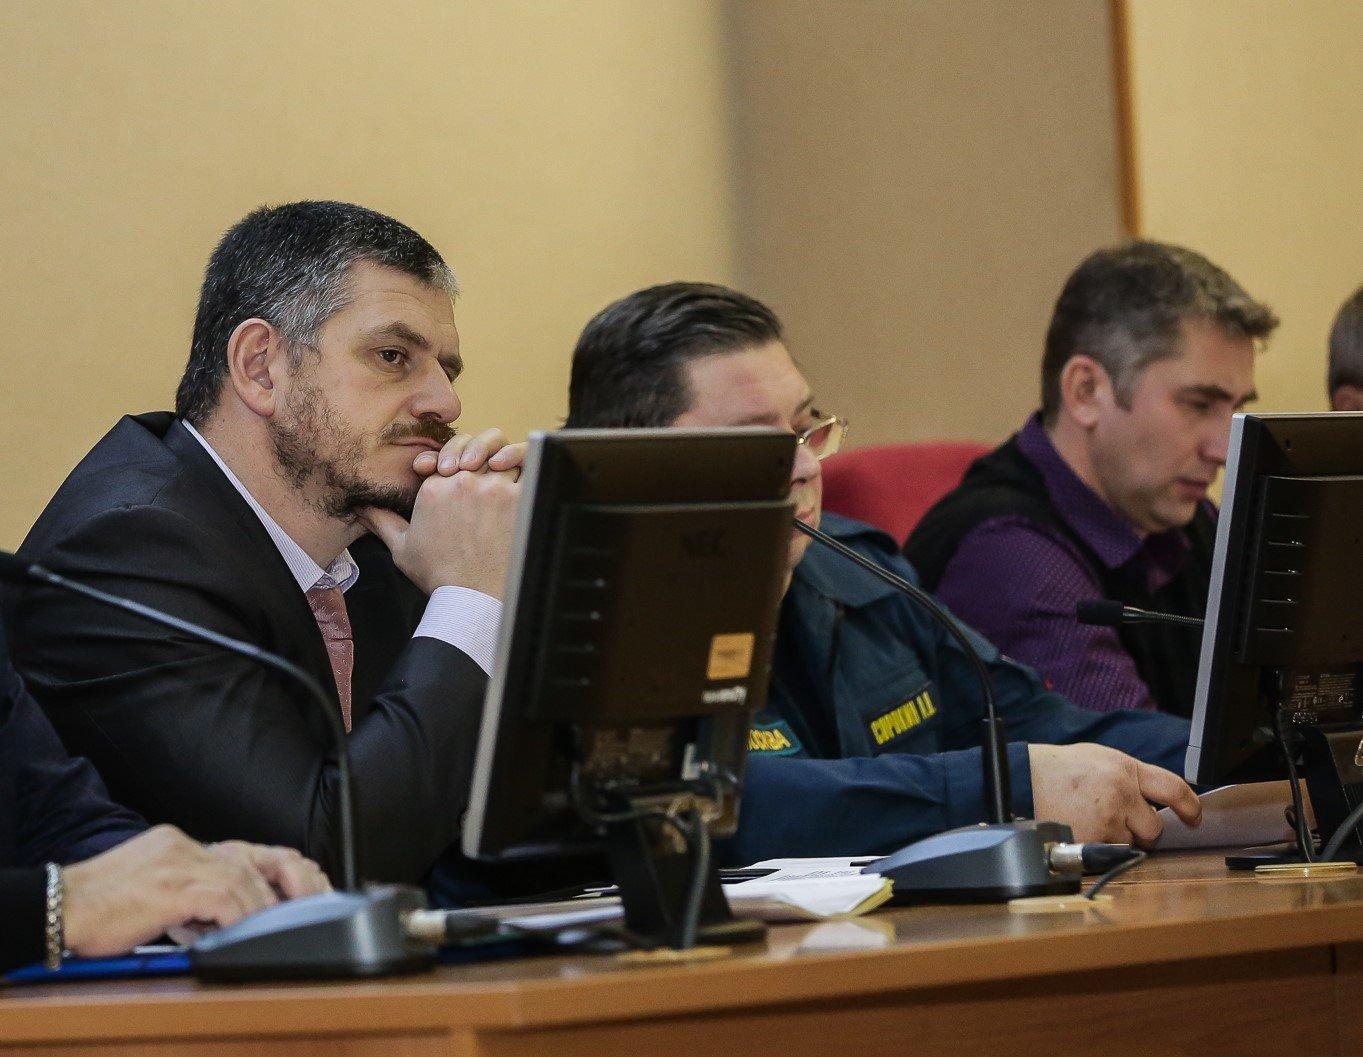 Специалисты по ГОиЧС обсудили задачи на итоговом городском семинаре